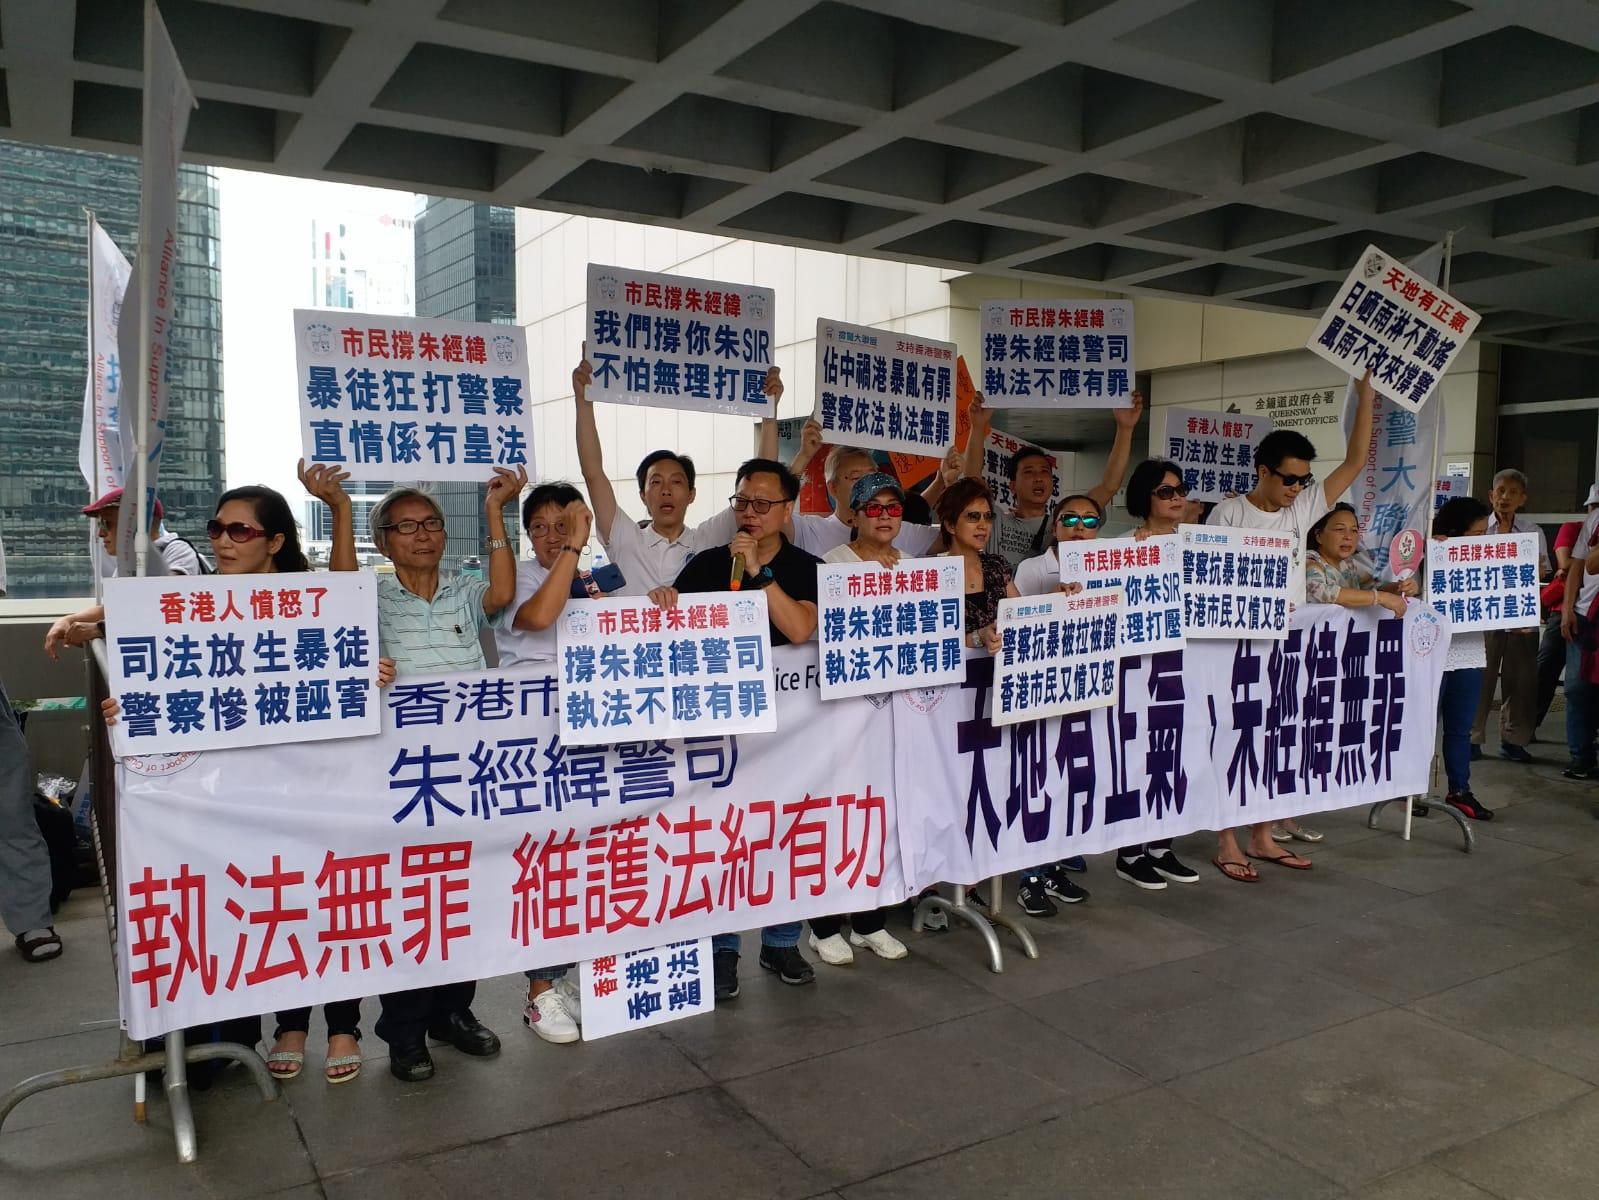 大批支持者到場呼叫不同口號,如「支持朱經緯、執法無罪」。